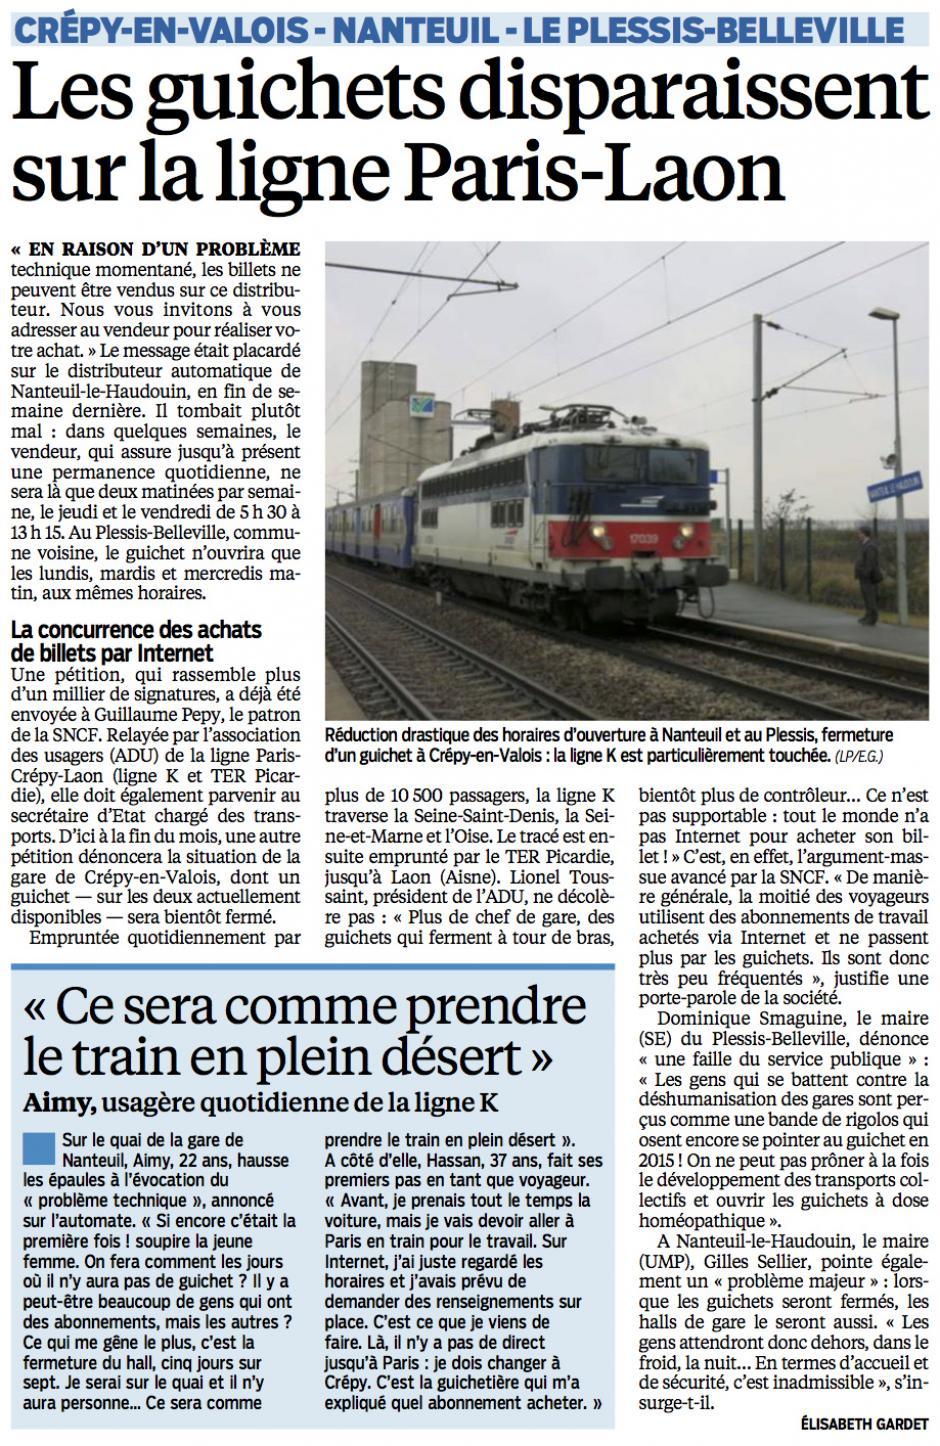 20150114-LeP-Oise-Les guichets disparaissent sur la ligne Paris-Laon